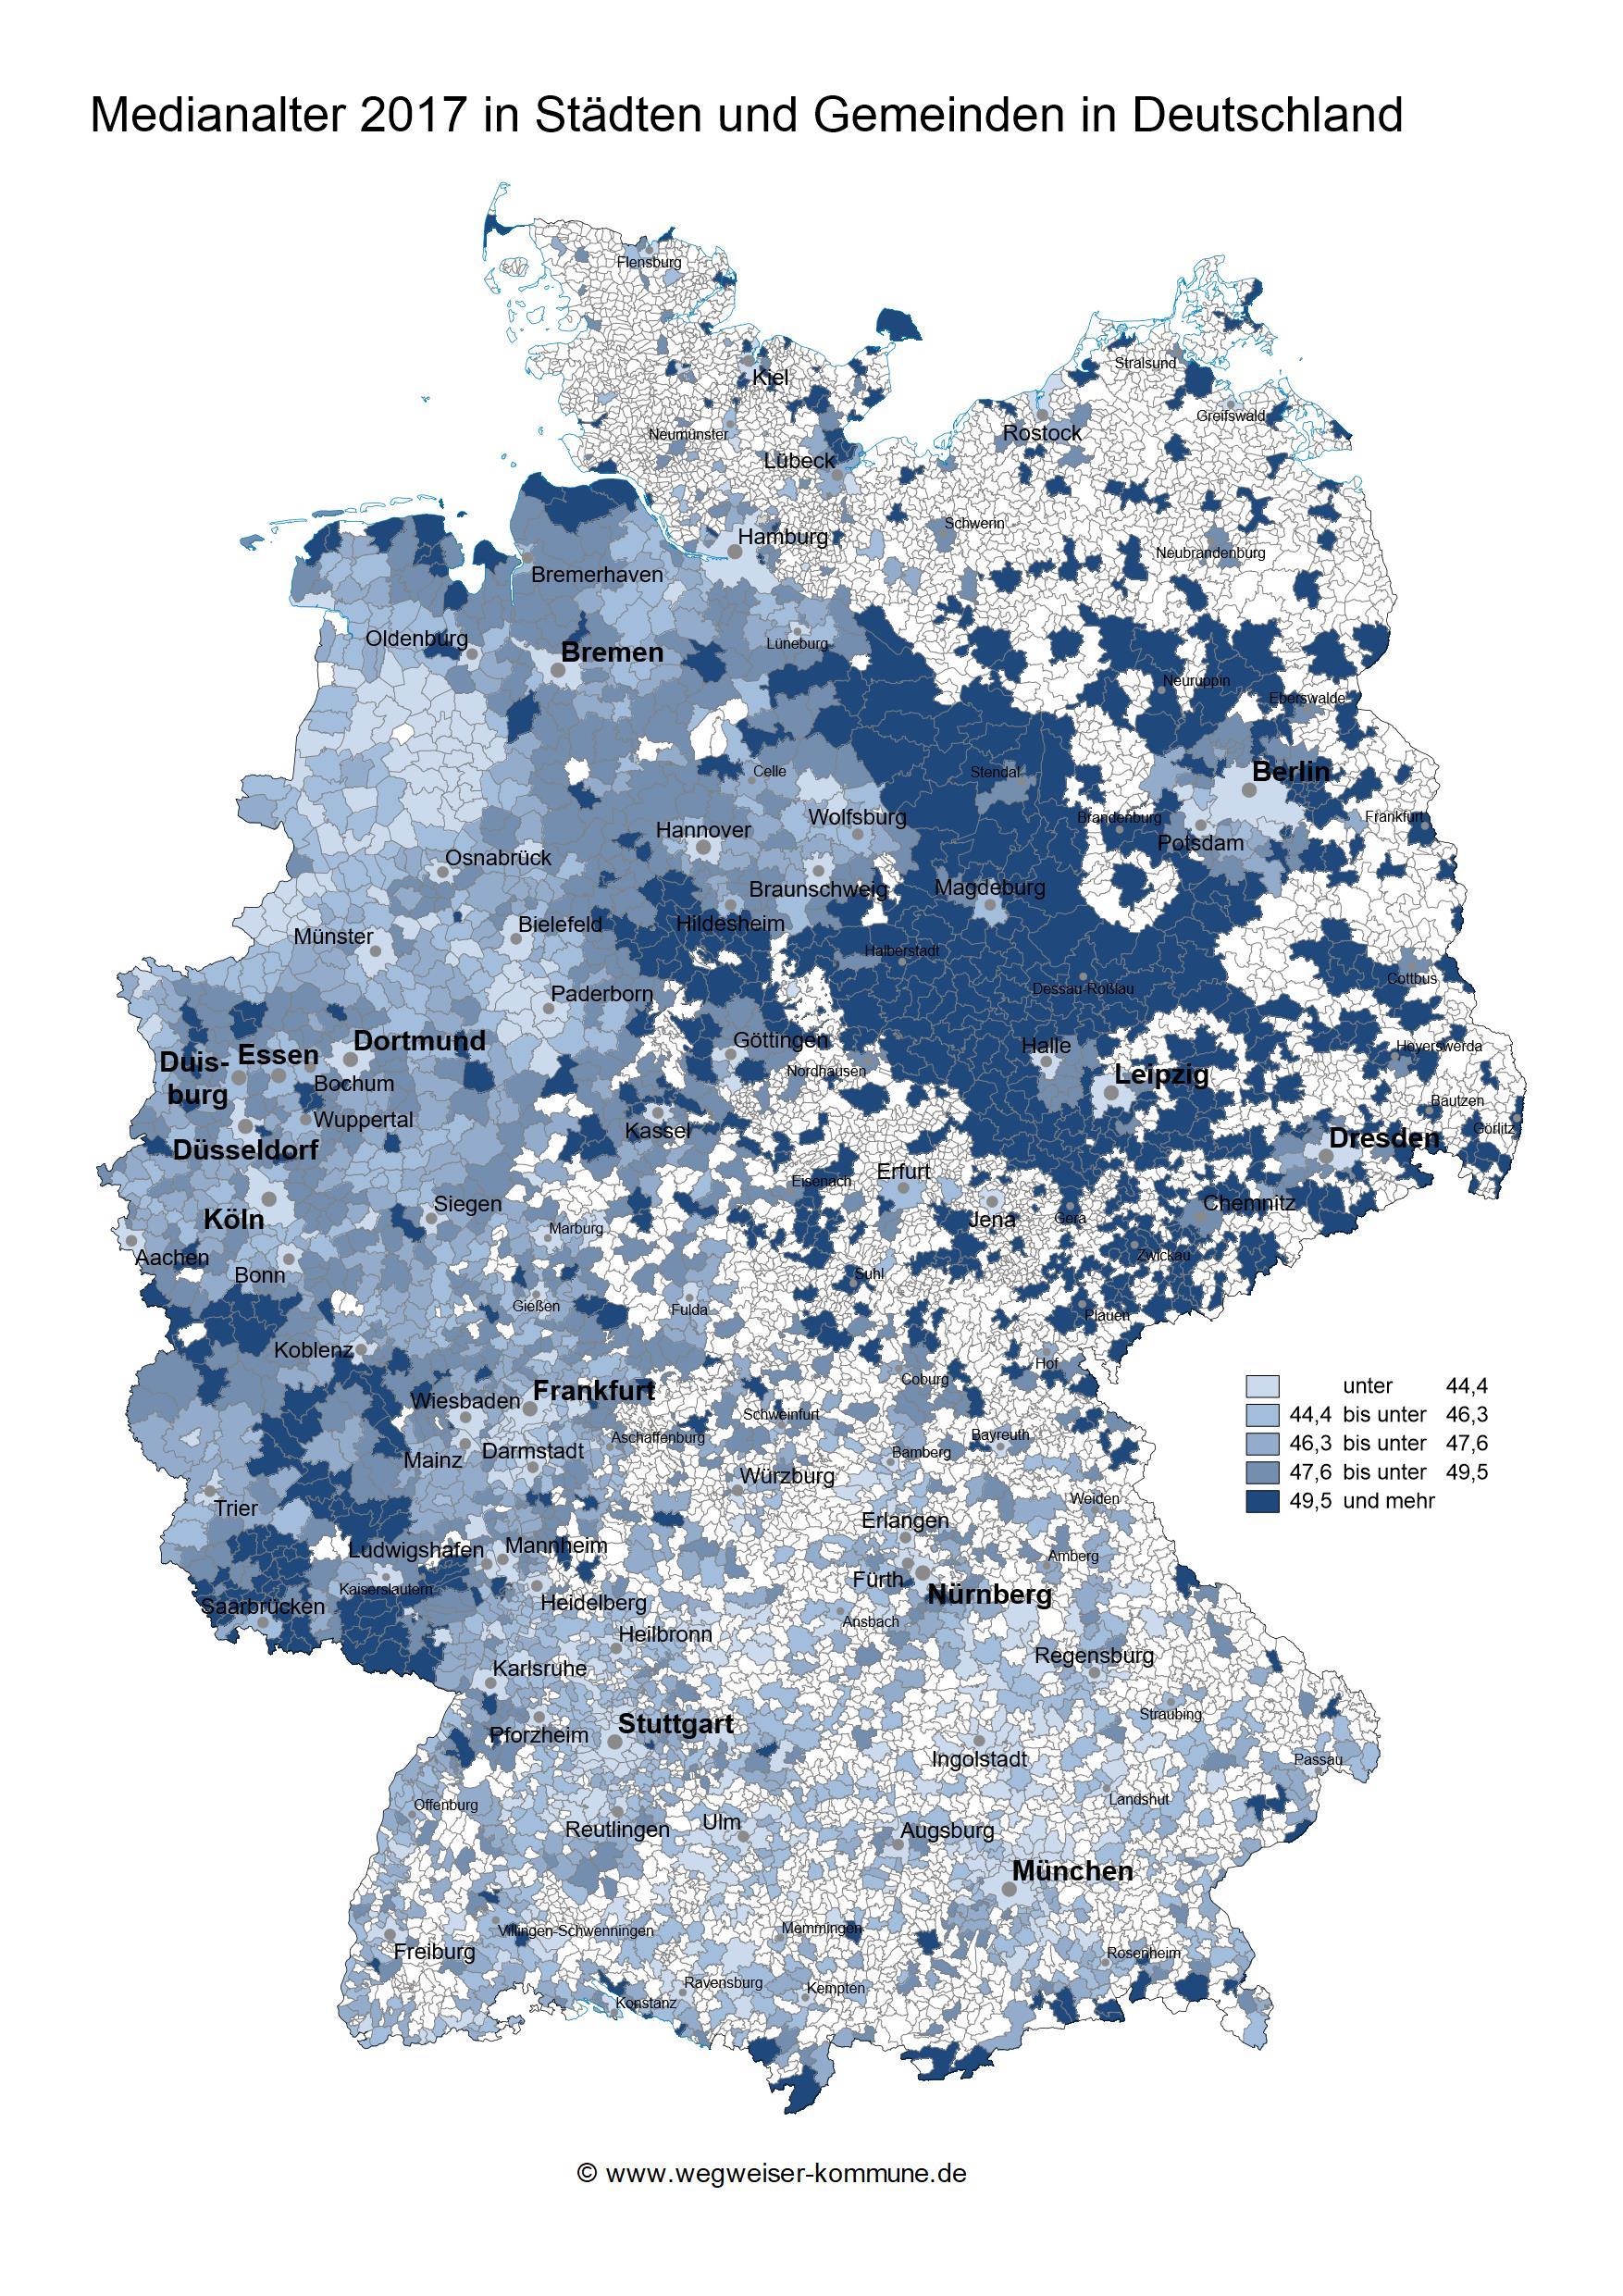 Das MEdianalter 2017 in Städten und Gemeinden, visualisiert auf einer Deutschlandkarte